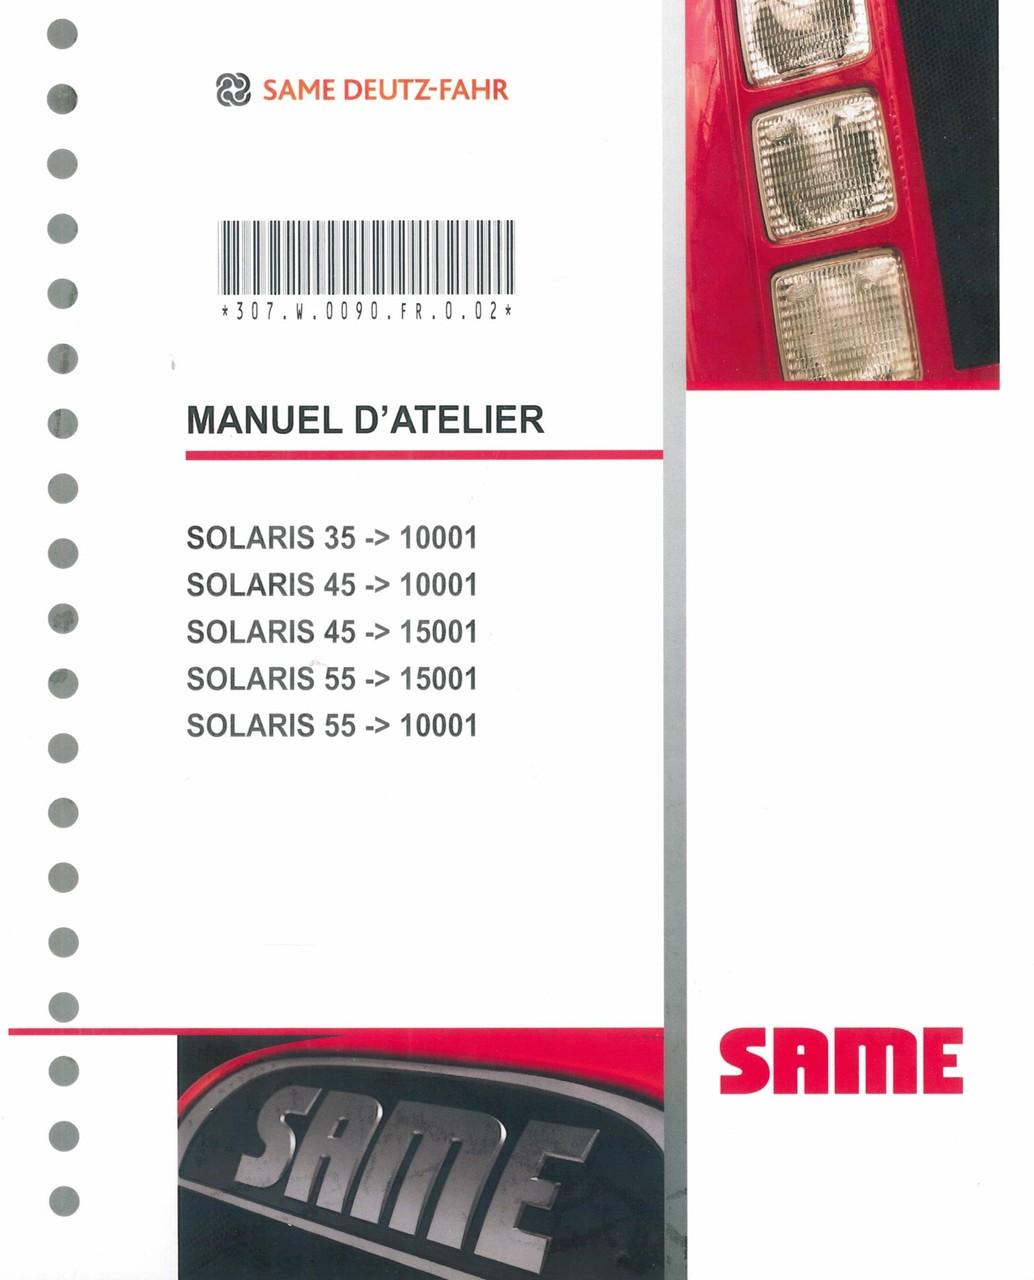 SOLARIS 35 ->10001 - SOLARIS 45 ->10001 - SOLARIS 45 ->15001 - SOLARIS 55 ->15001 - SOLARIS 55 ->10001 - Manuel d'atelier